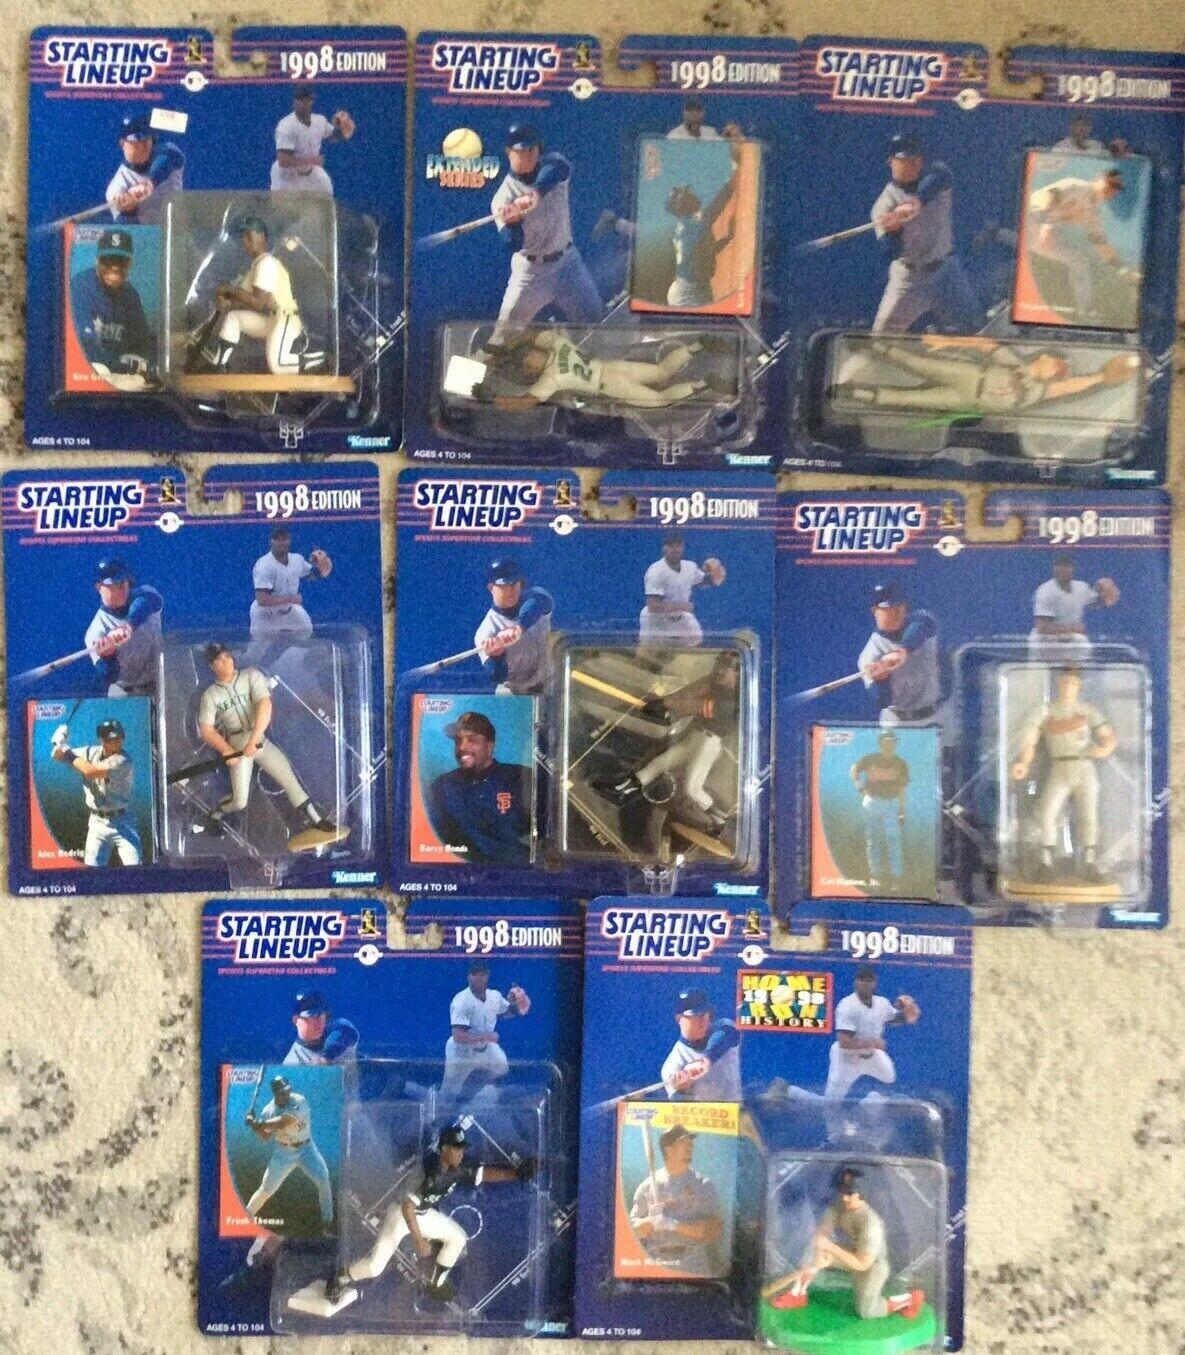 1998 ligne de départ-Up  All Star lot (8) Griffey Jr (2) Jones, AROD, obligations Thomas, Rip  magasin pas cher